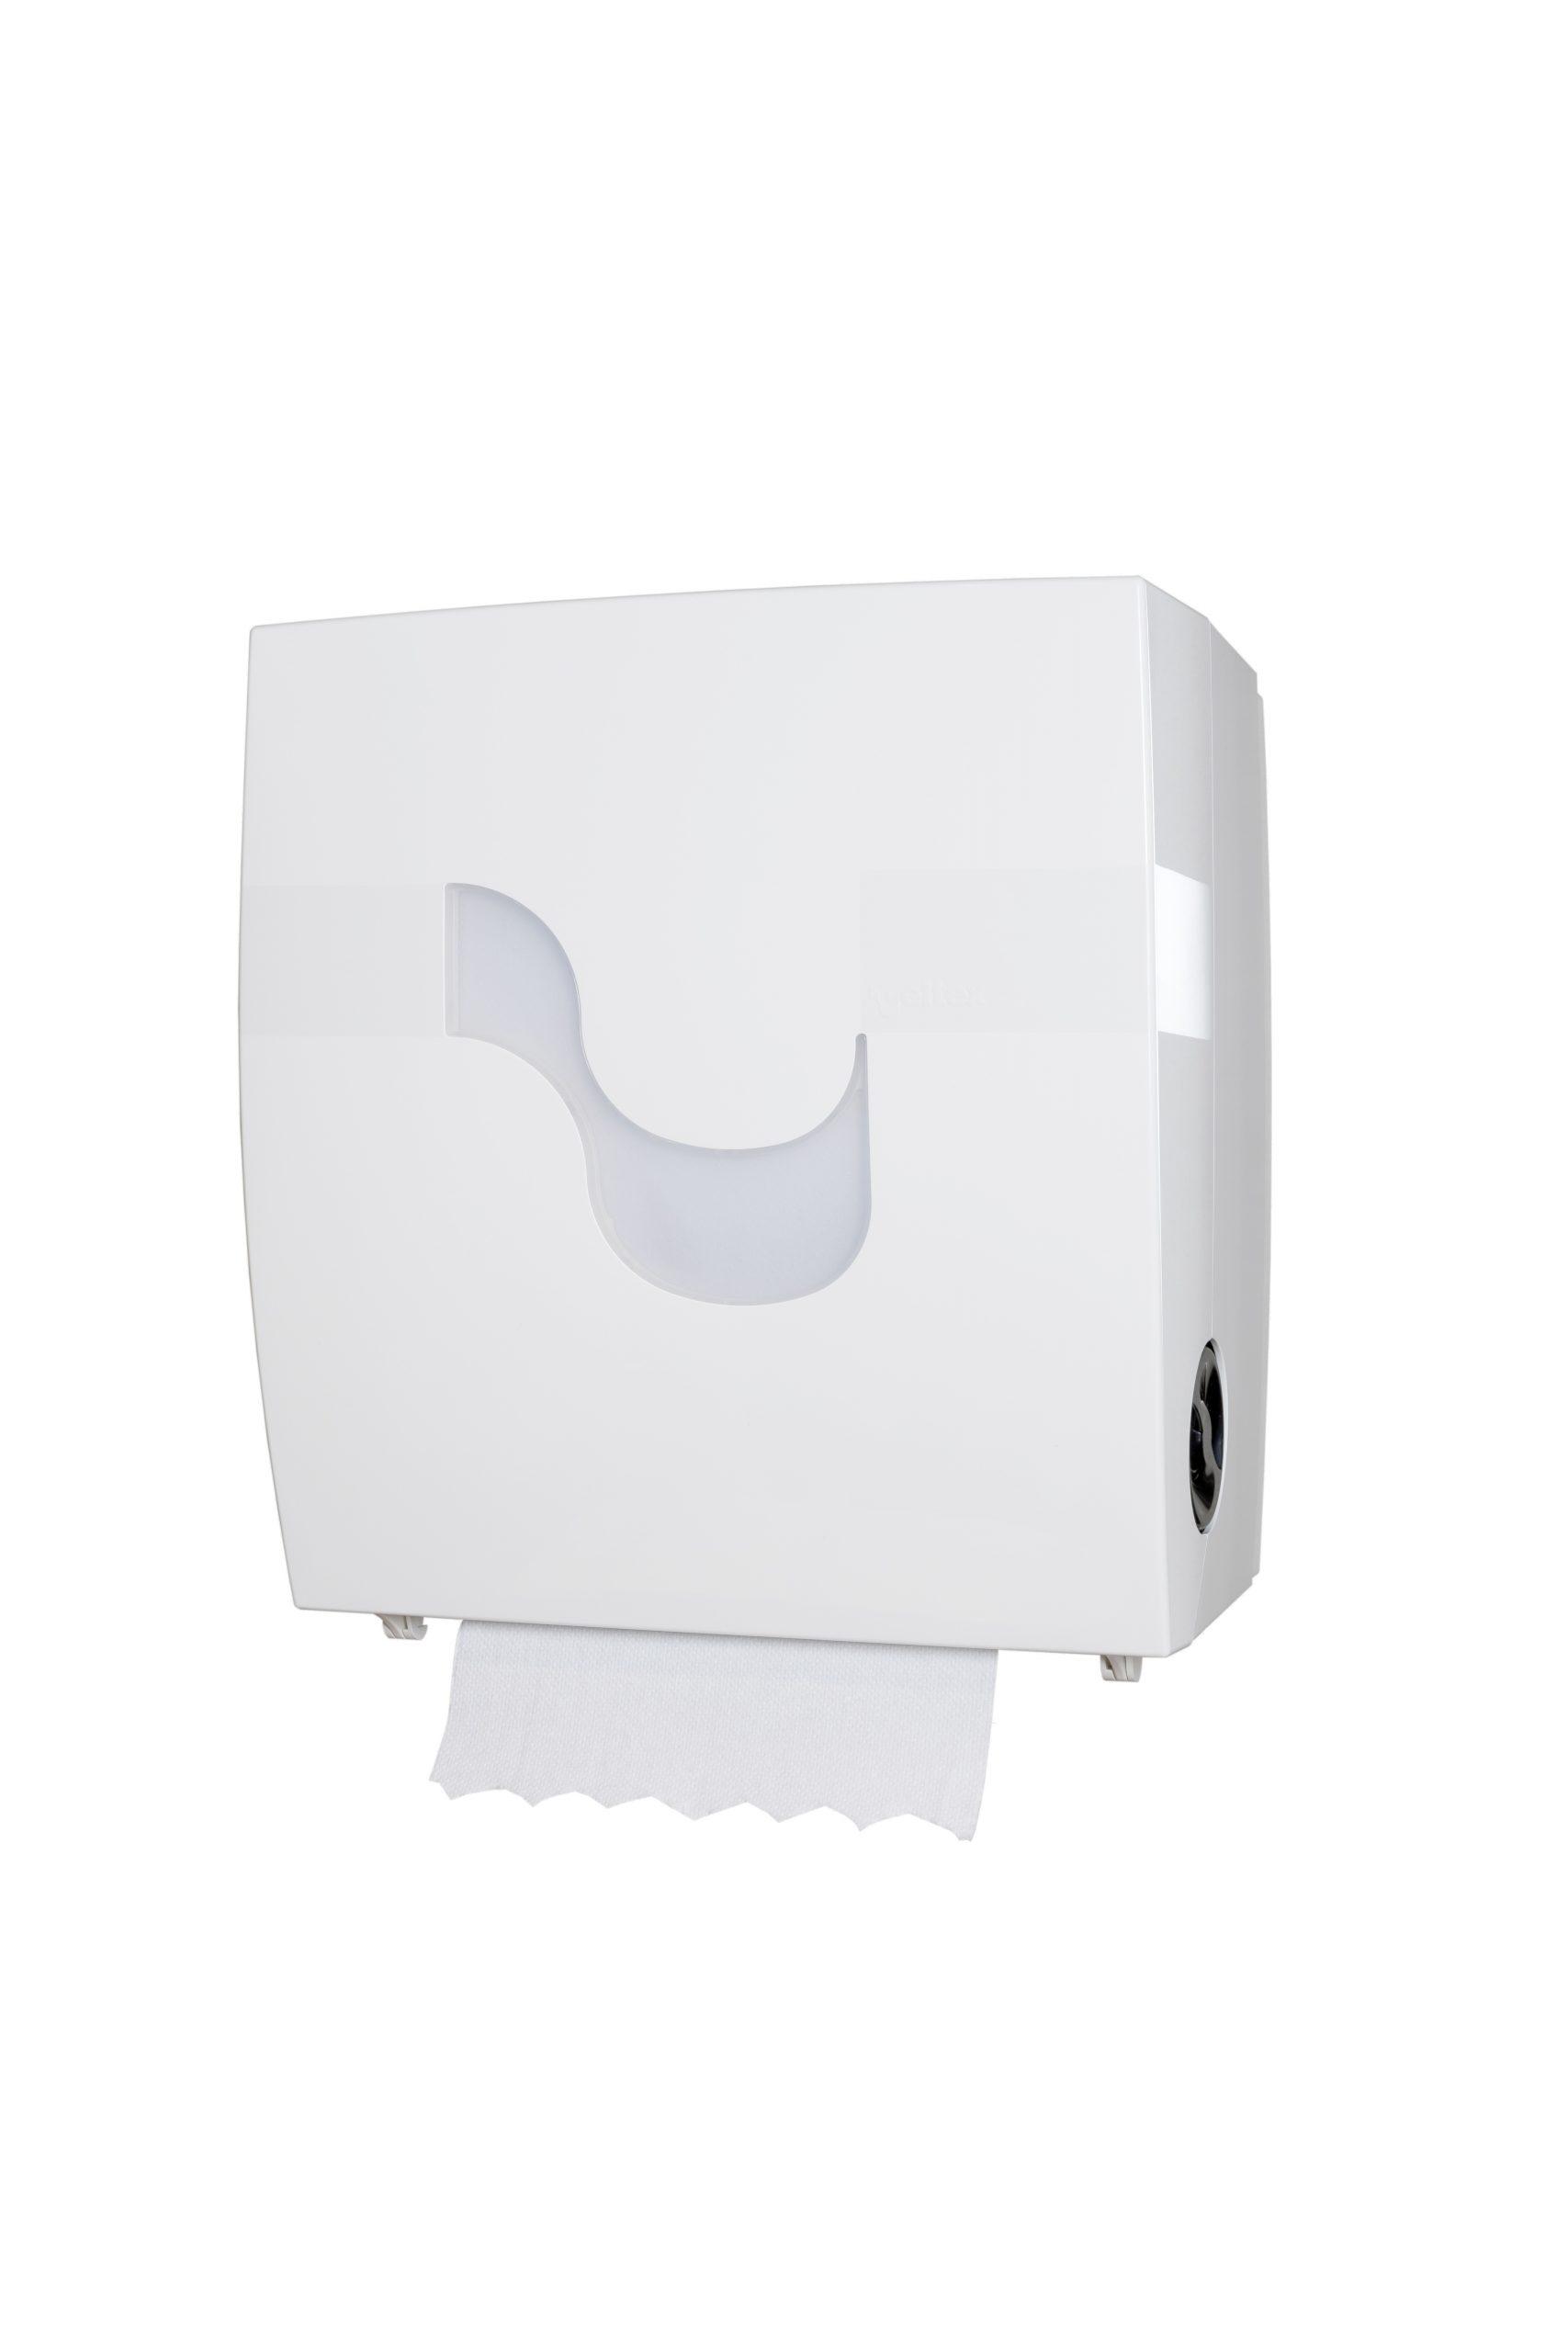 Handtuchrollenspender autocut weiß